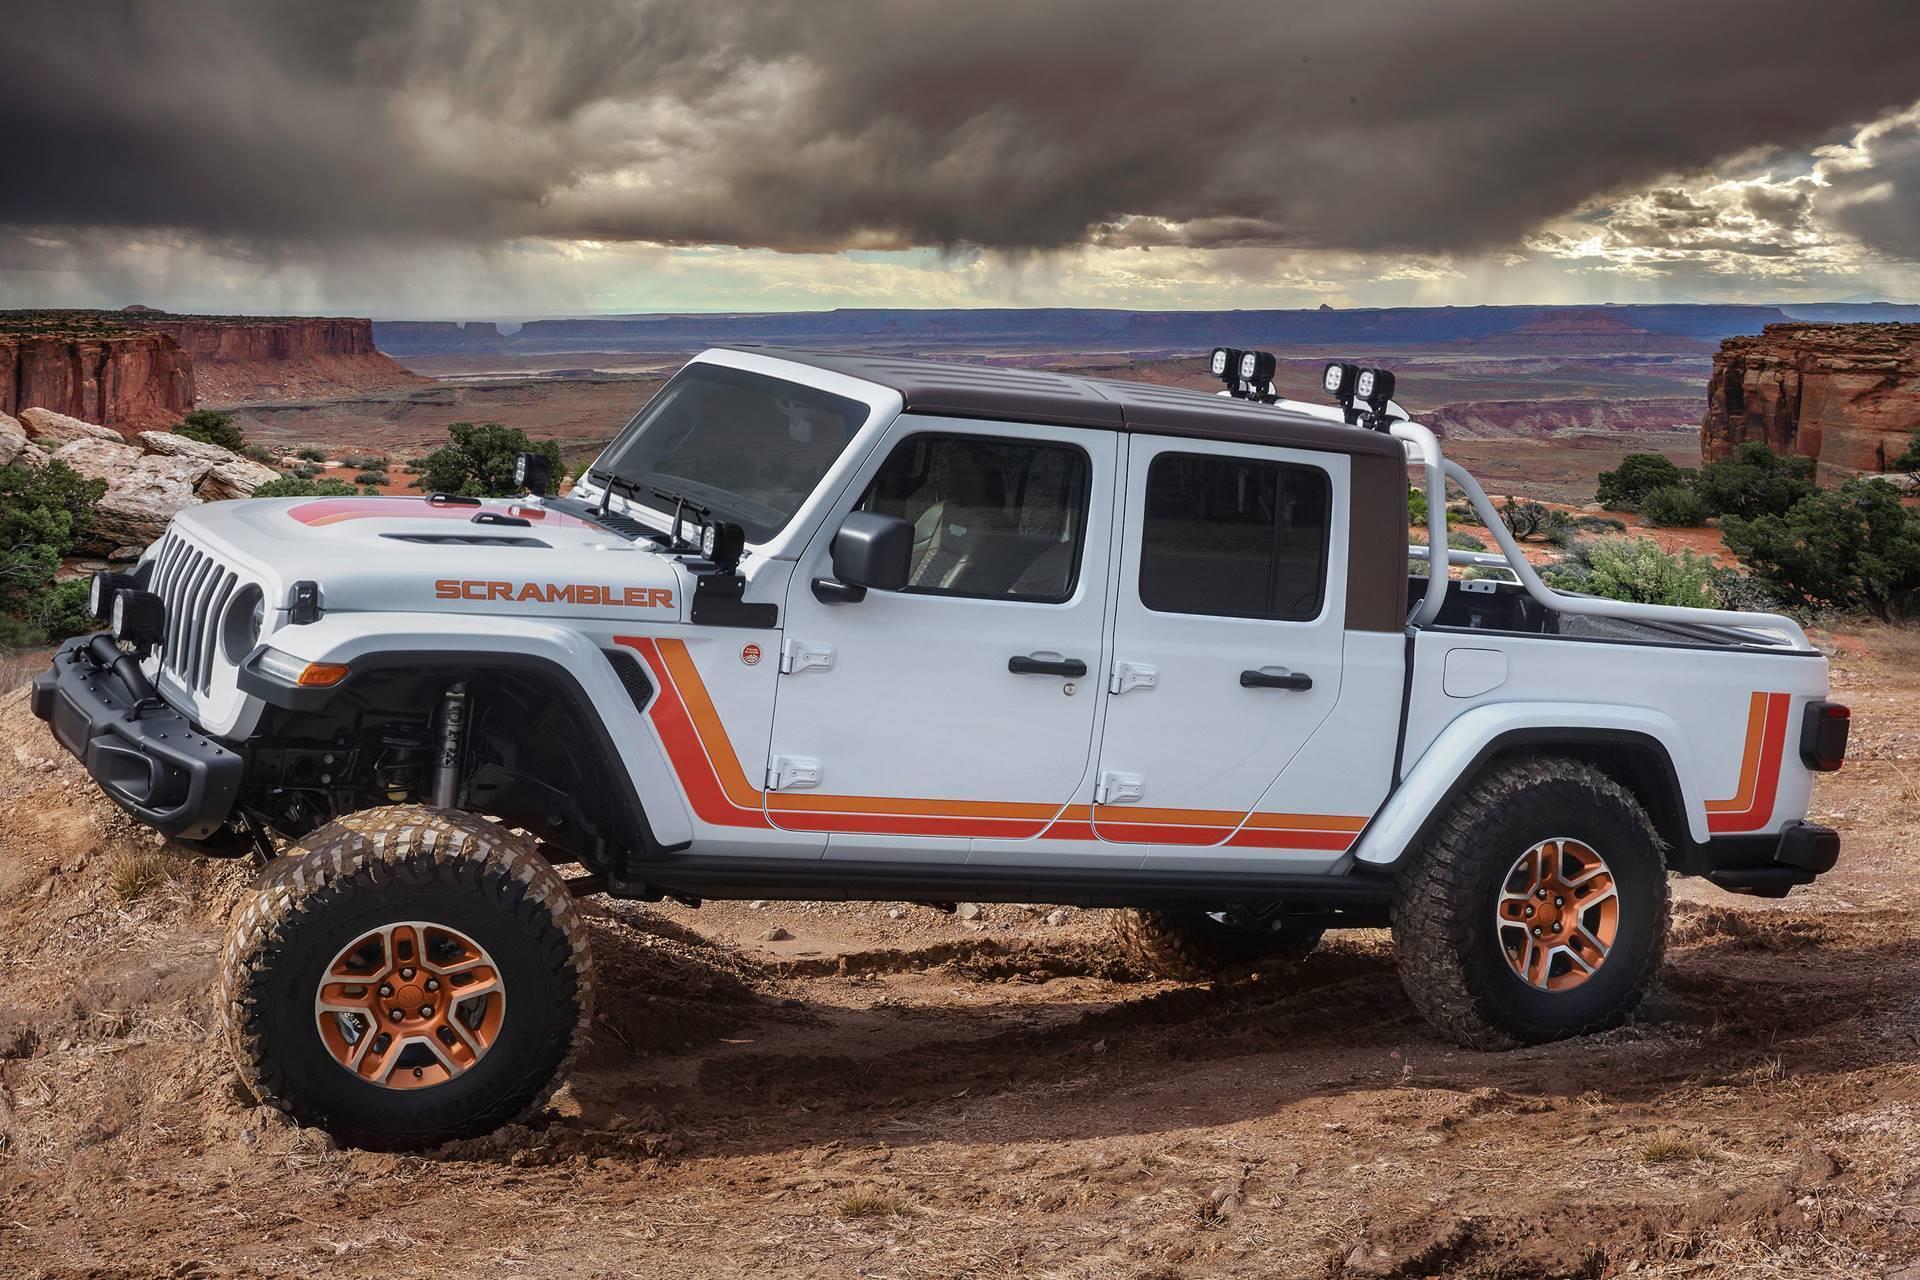 2019 Jeep JT Scrambler Concept